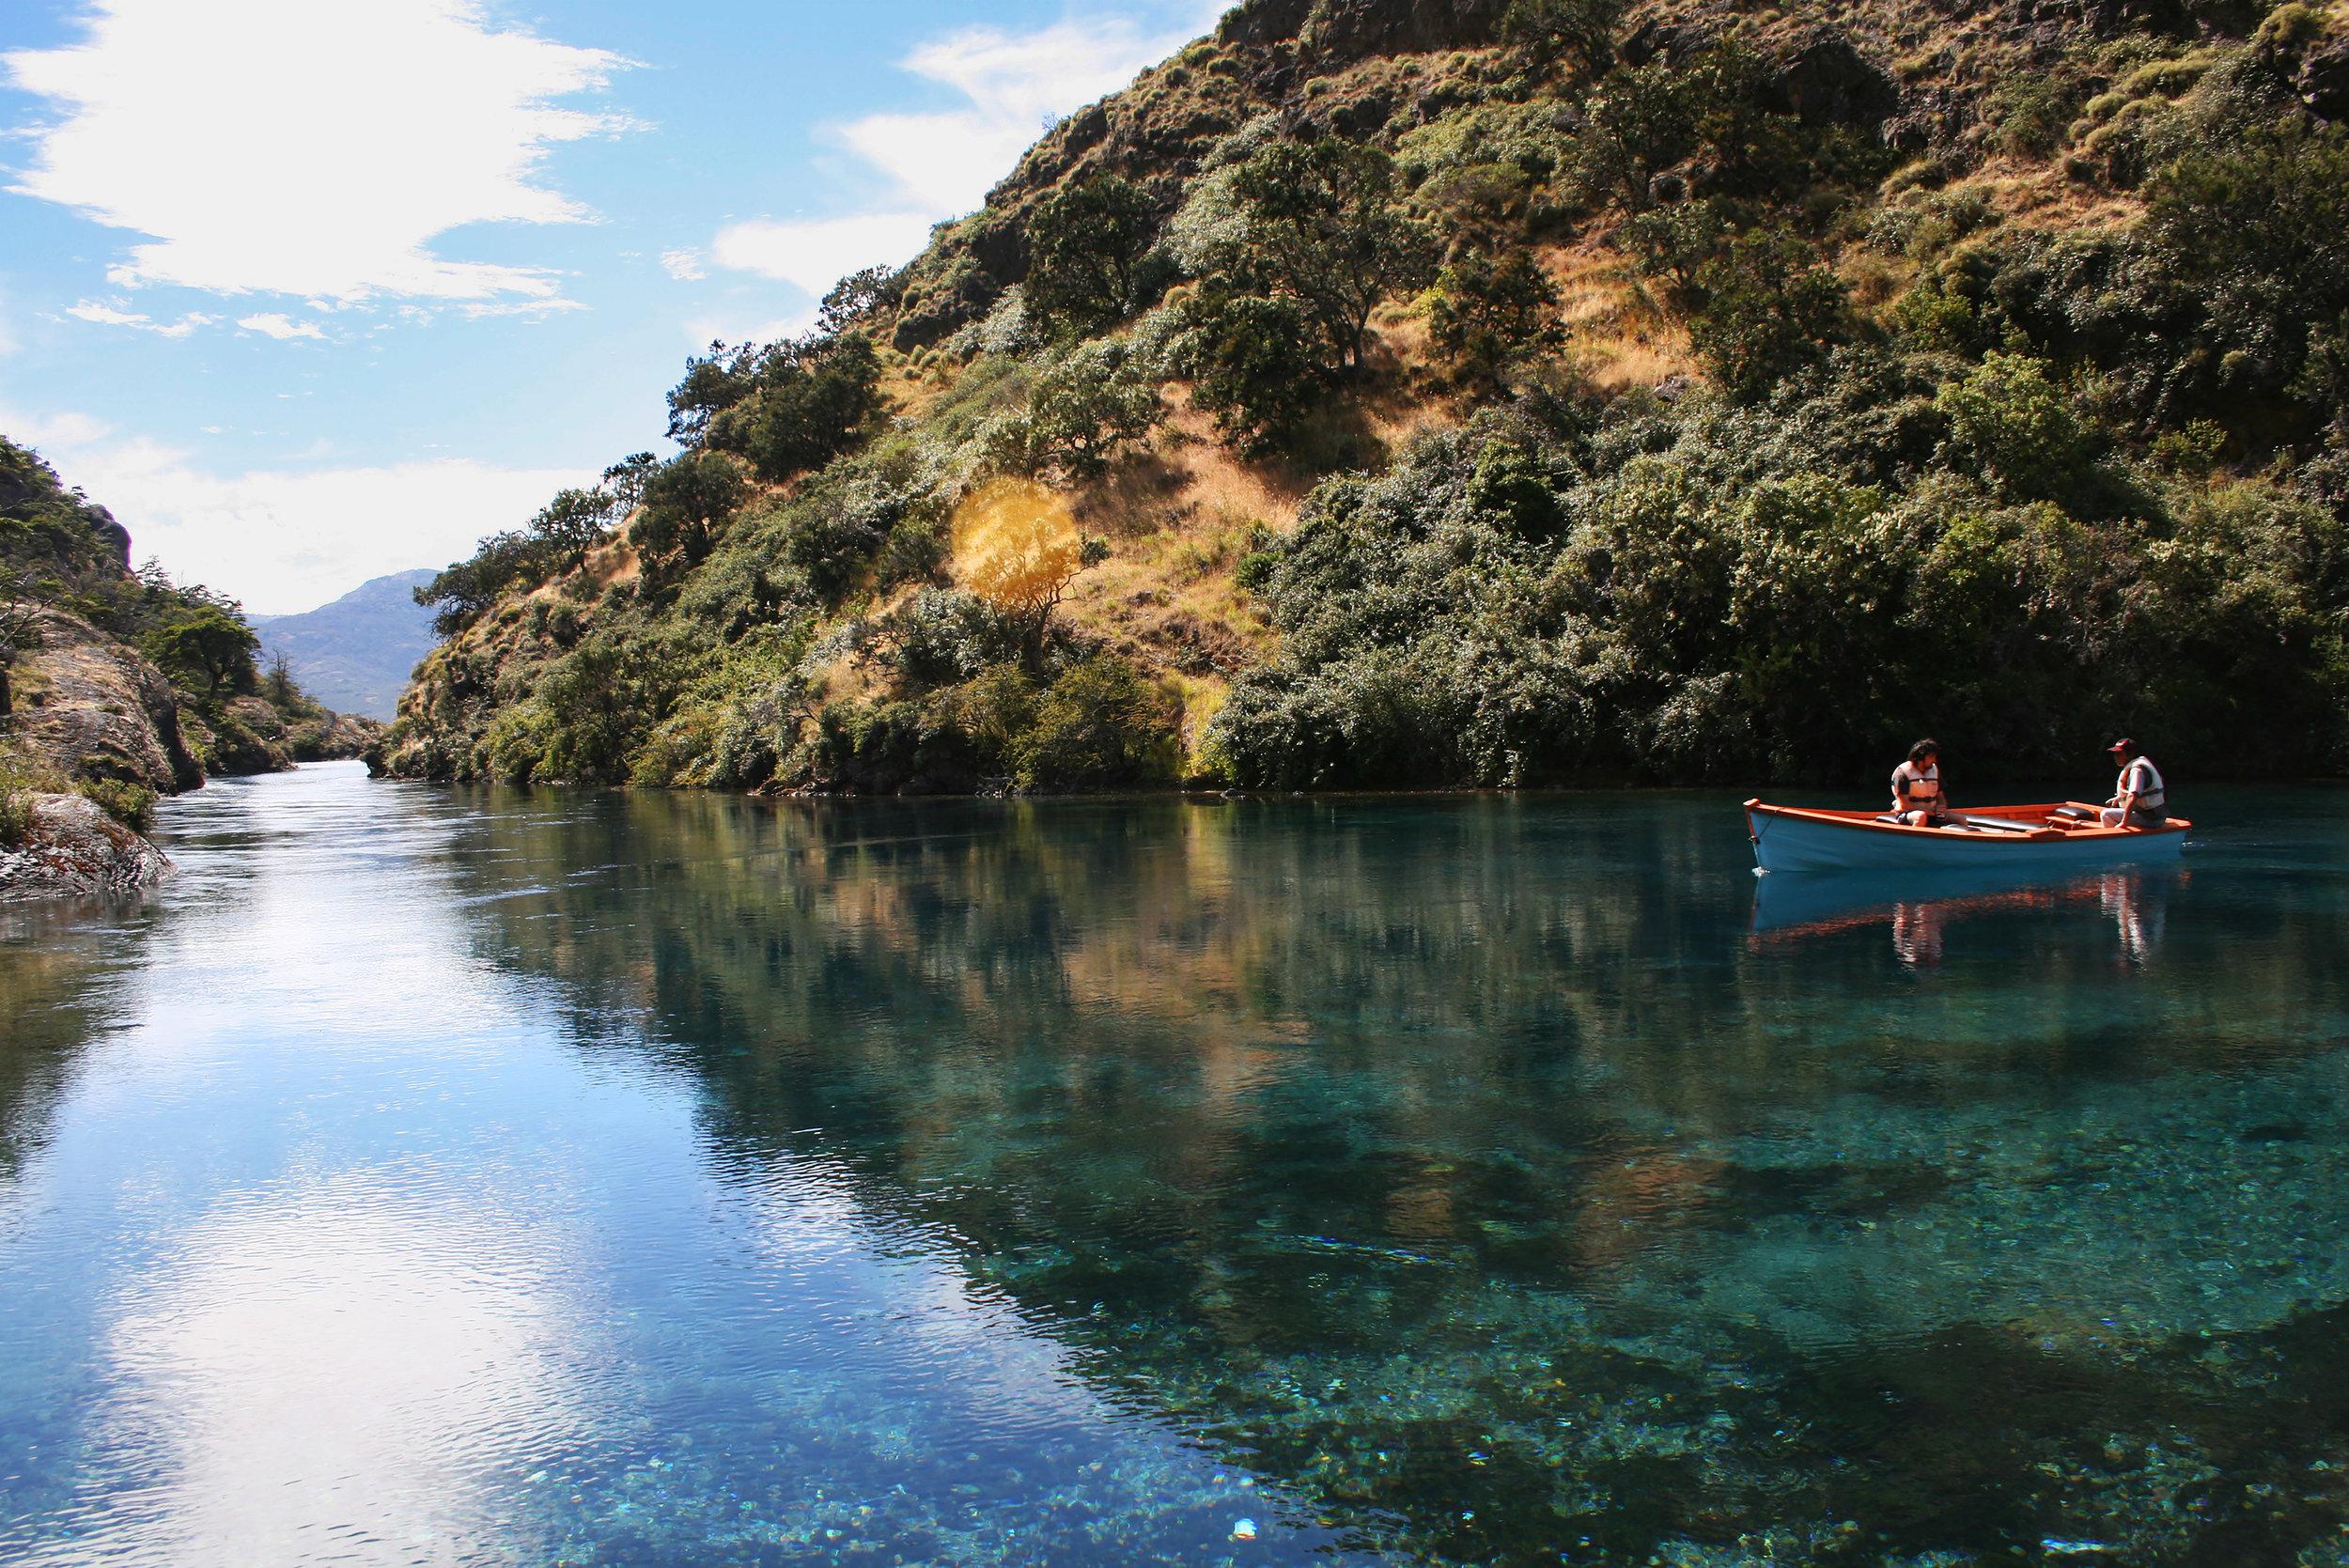 Boat - Cochrane, Chile